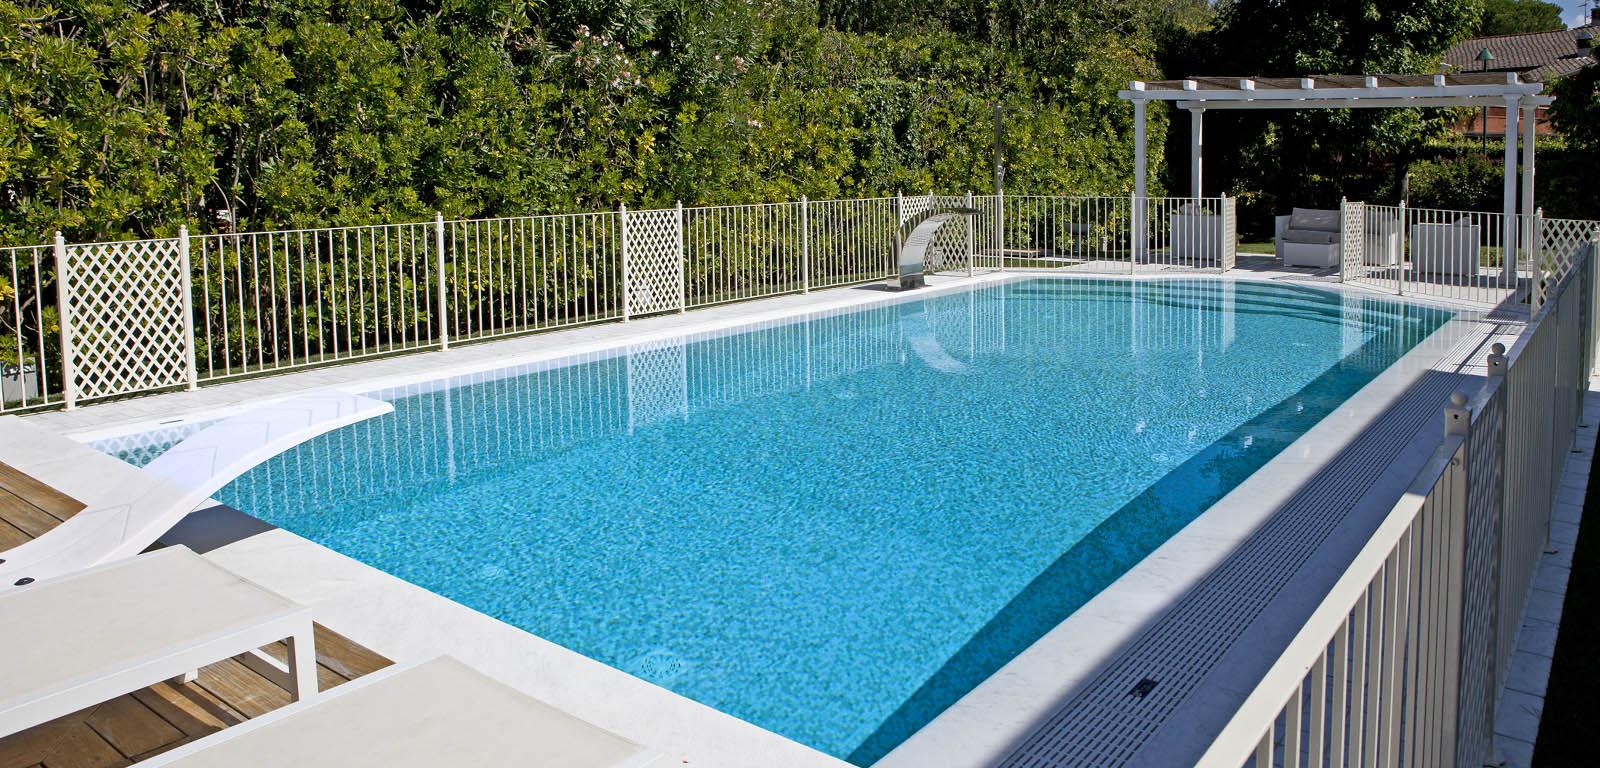 Piscine con rivestimento azzurro piscine castiglione - Foto di piscine interrate ...